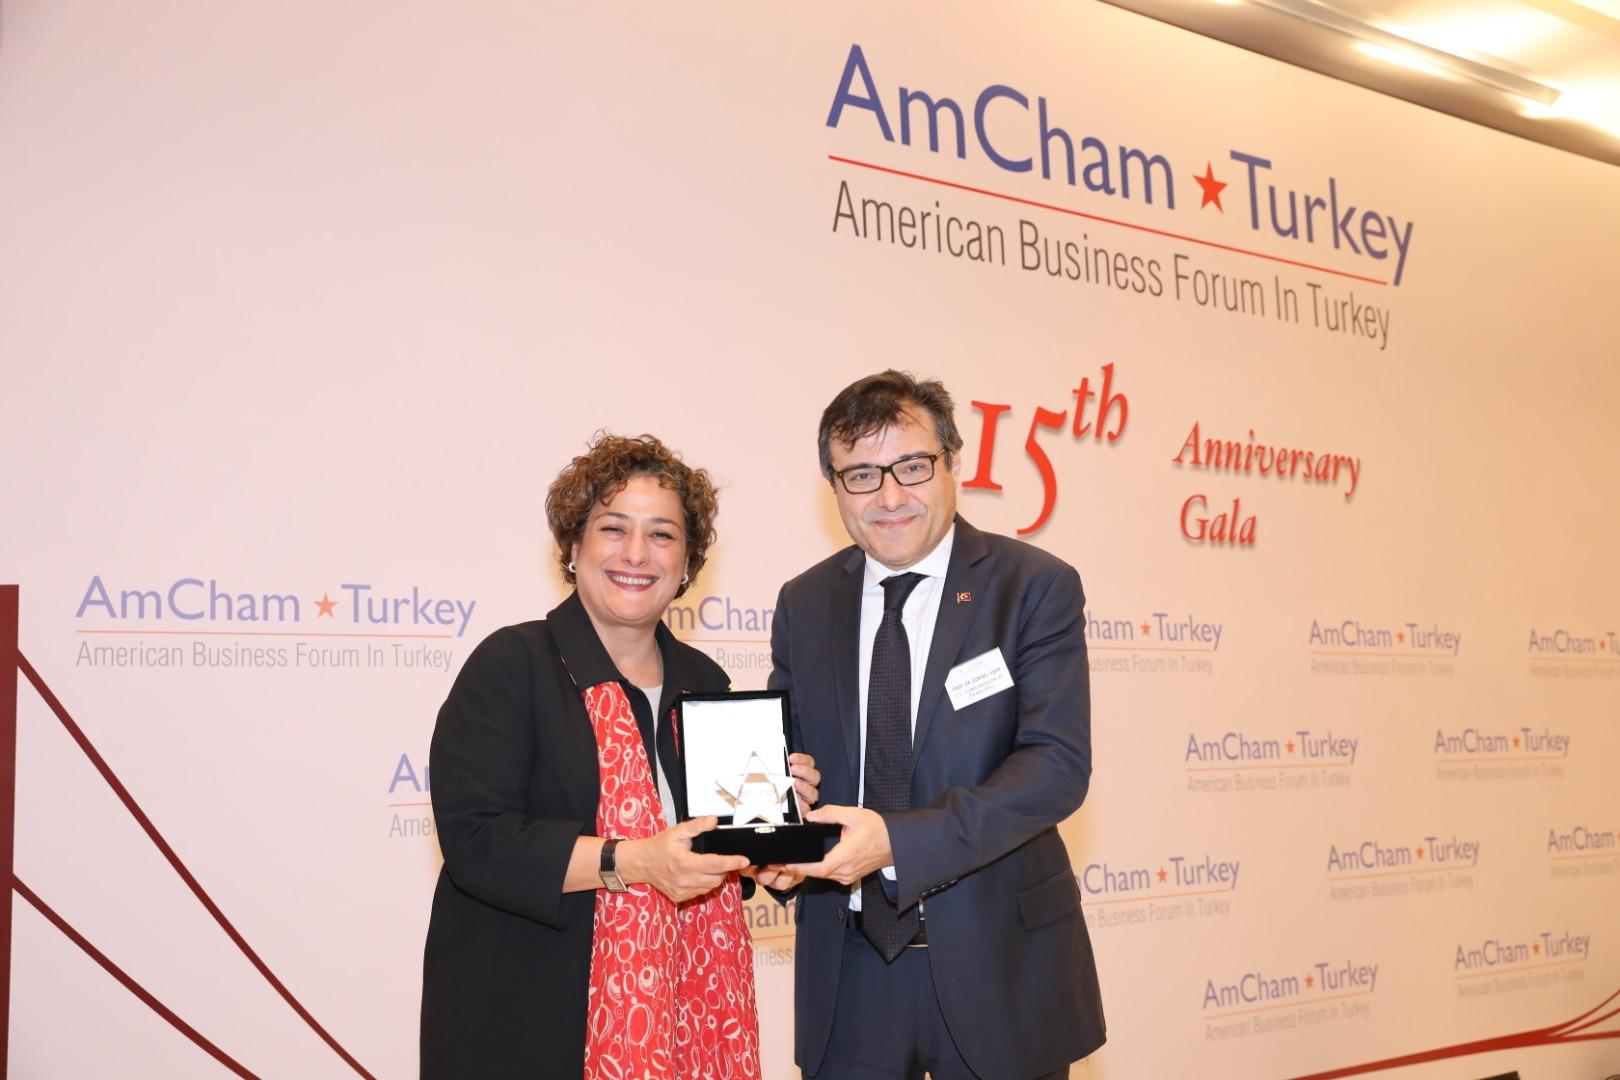 Türkiye'nin en büyük yatırımını yapan şirket belli oldu